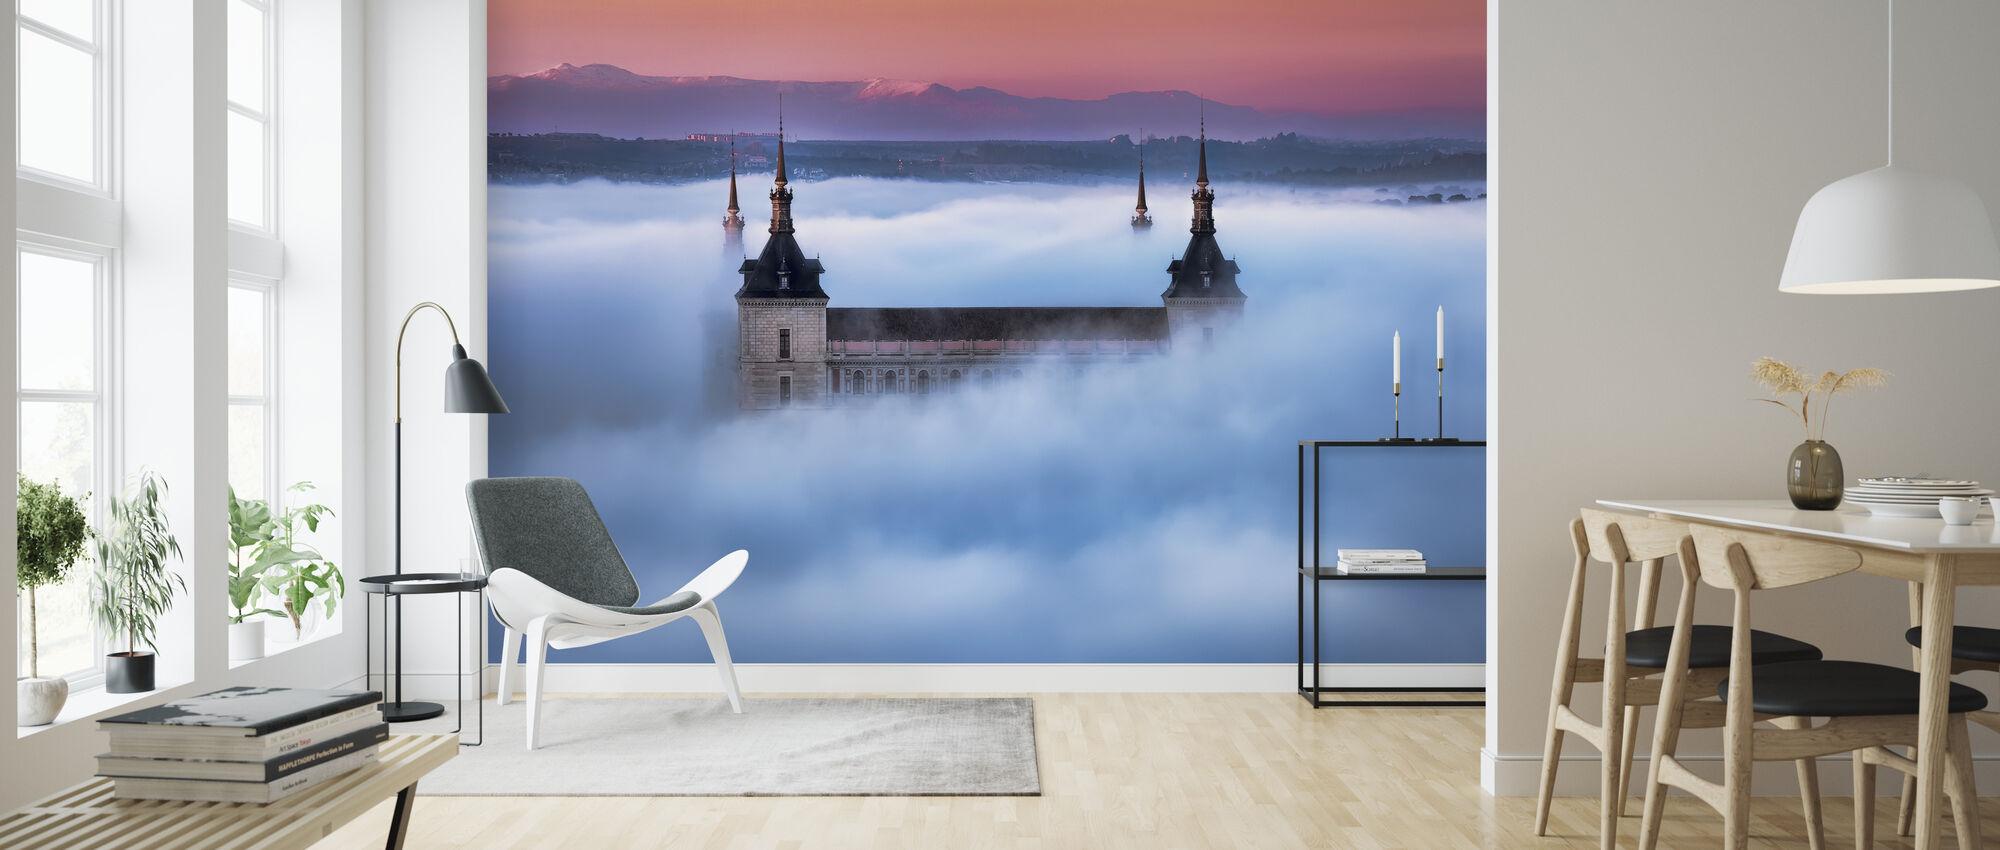 Toledo City Foggy Sunset - Wallpaper - Living Room